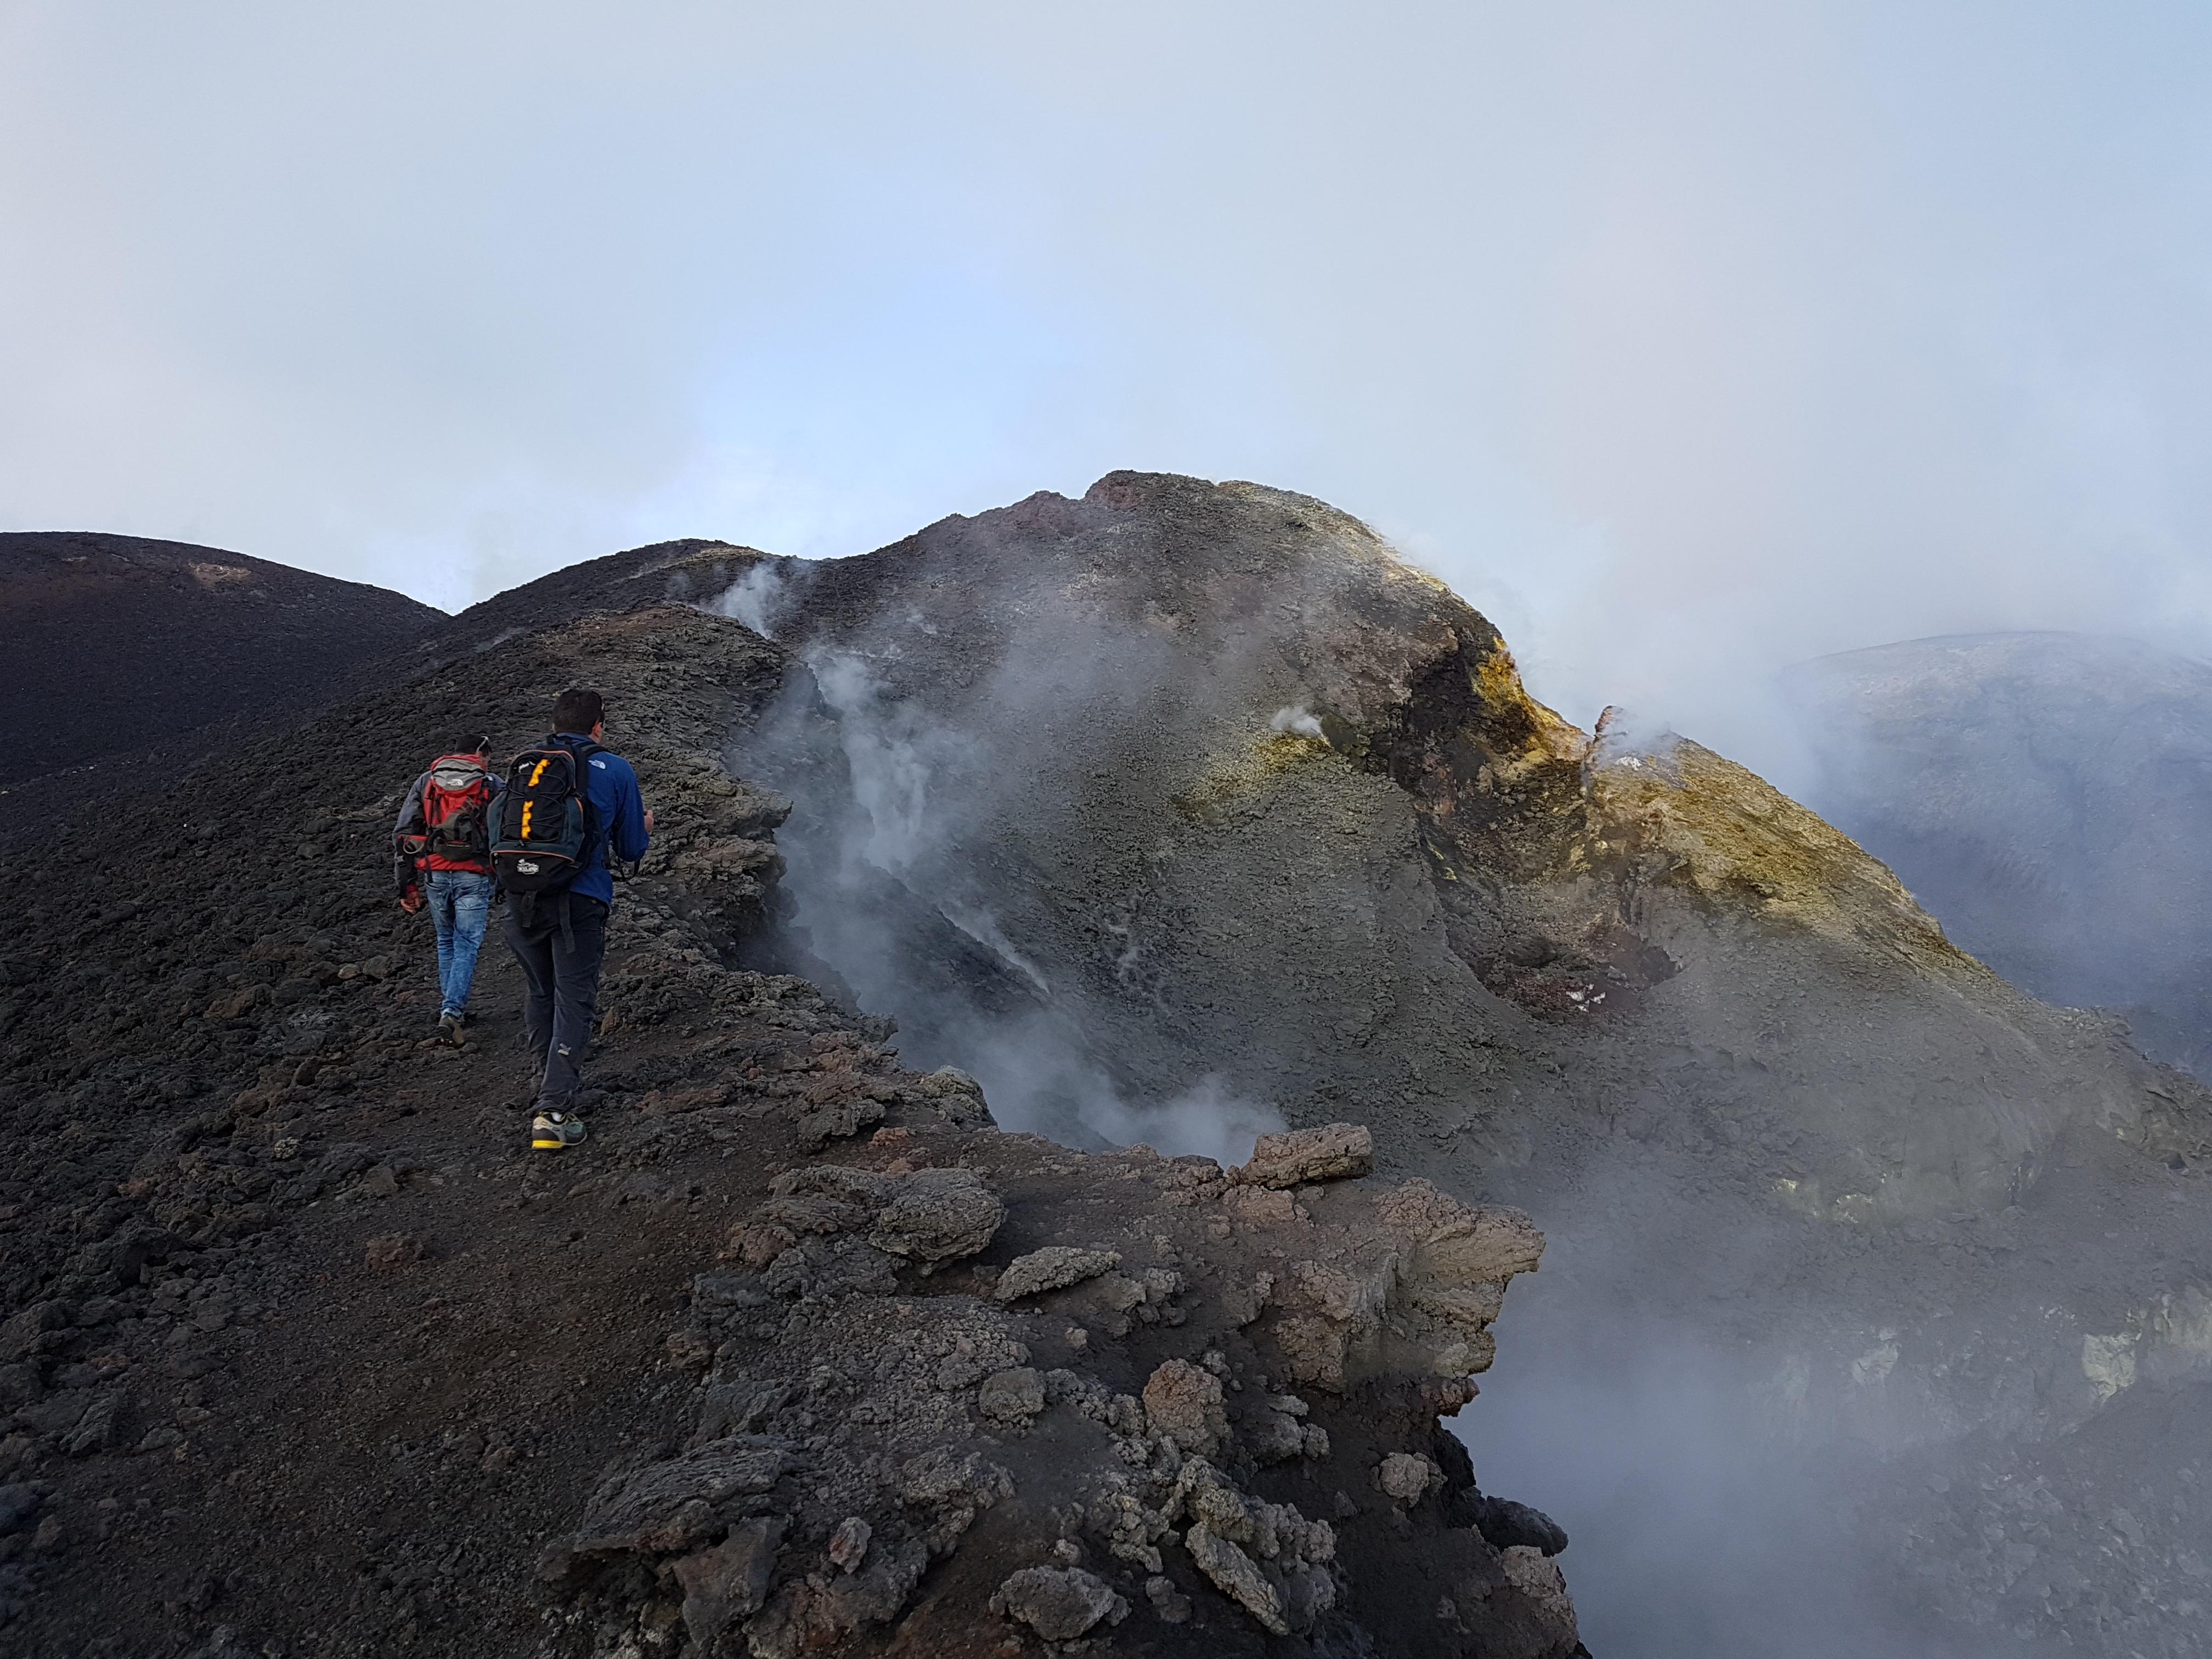 Etna beklimming top